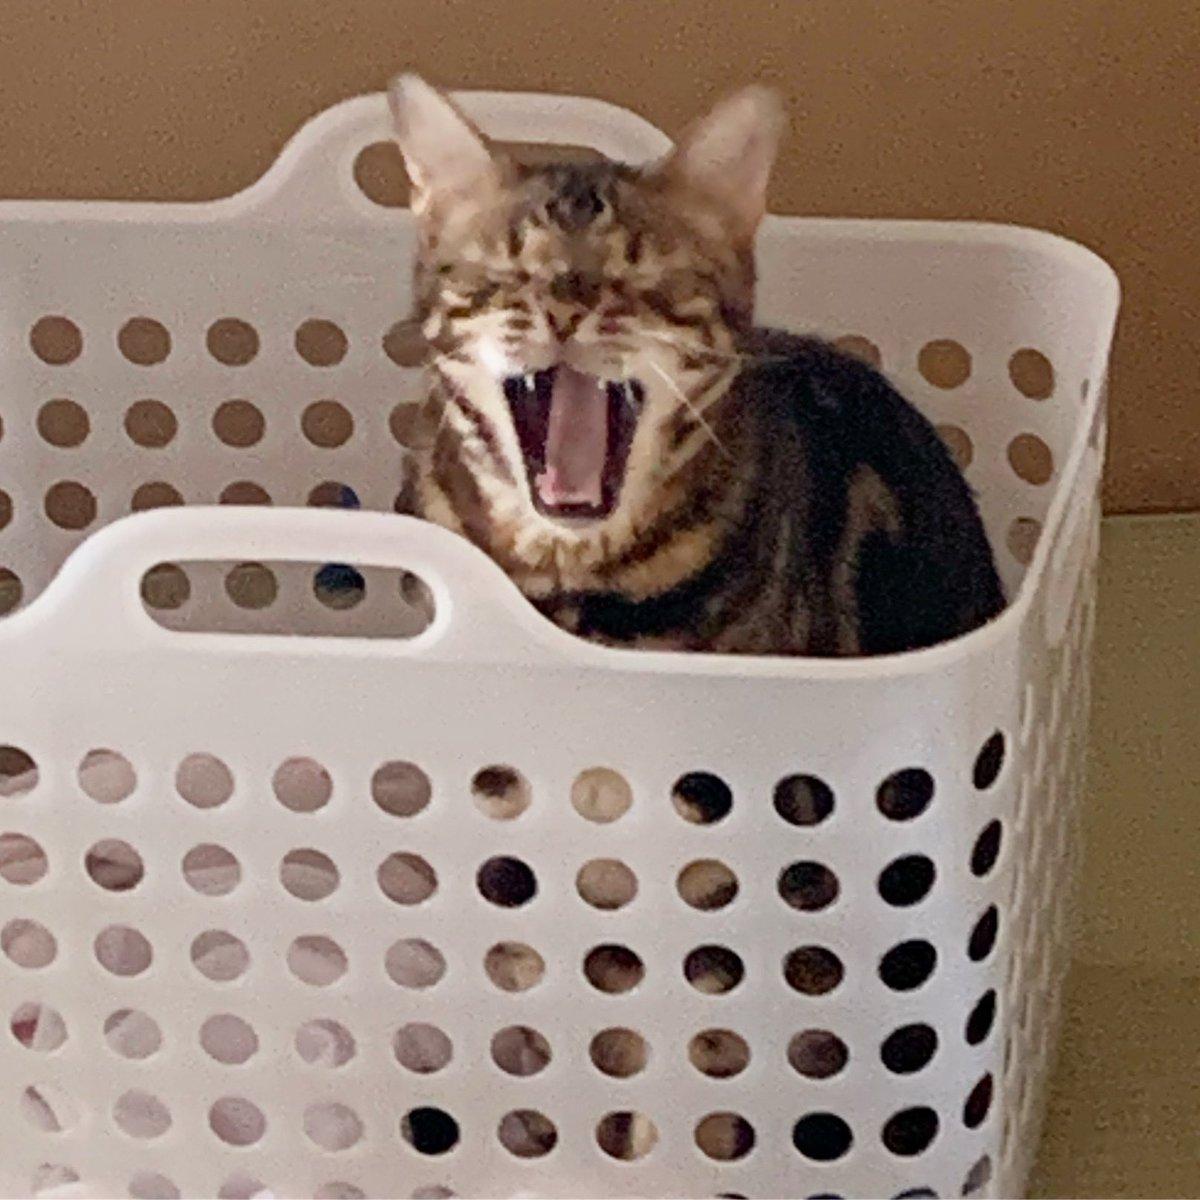 洗濯物の匂いが好きなオトコ😹 ベッド…売るほどあるのに💦 ・ ・ ・ #cat #猫 #ねこ #猫おもちゃ #handmade #ハンドメイド #minne #ミンネ #creema #クリーマ #マイロリーブ #myrolive #catgoods #ベンガル #bengalcat